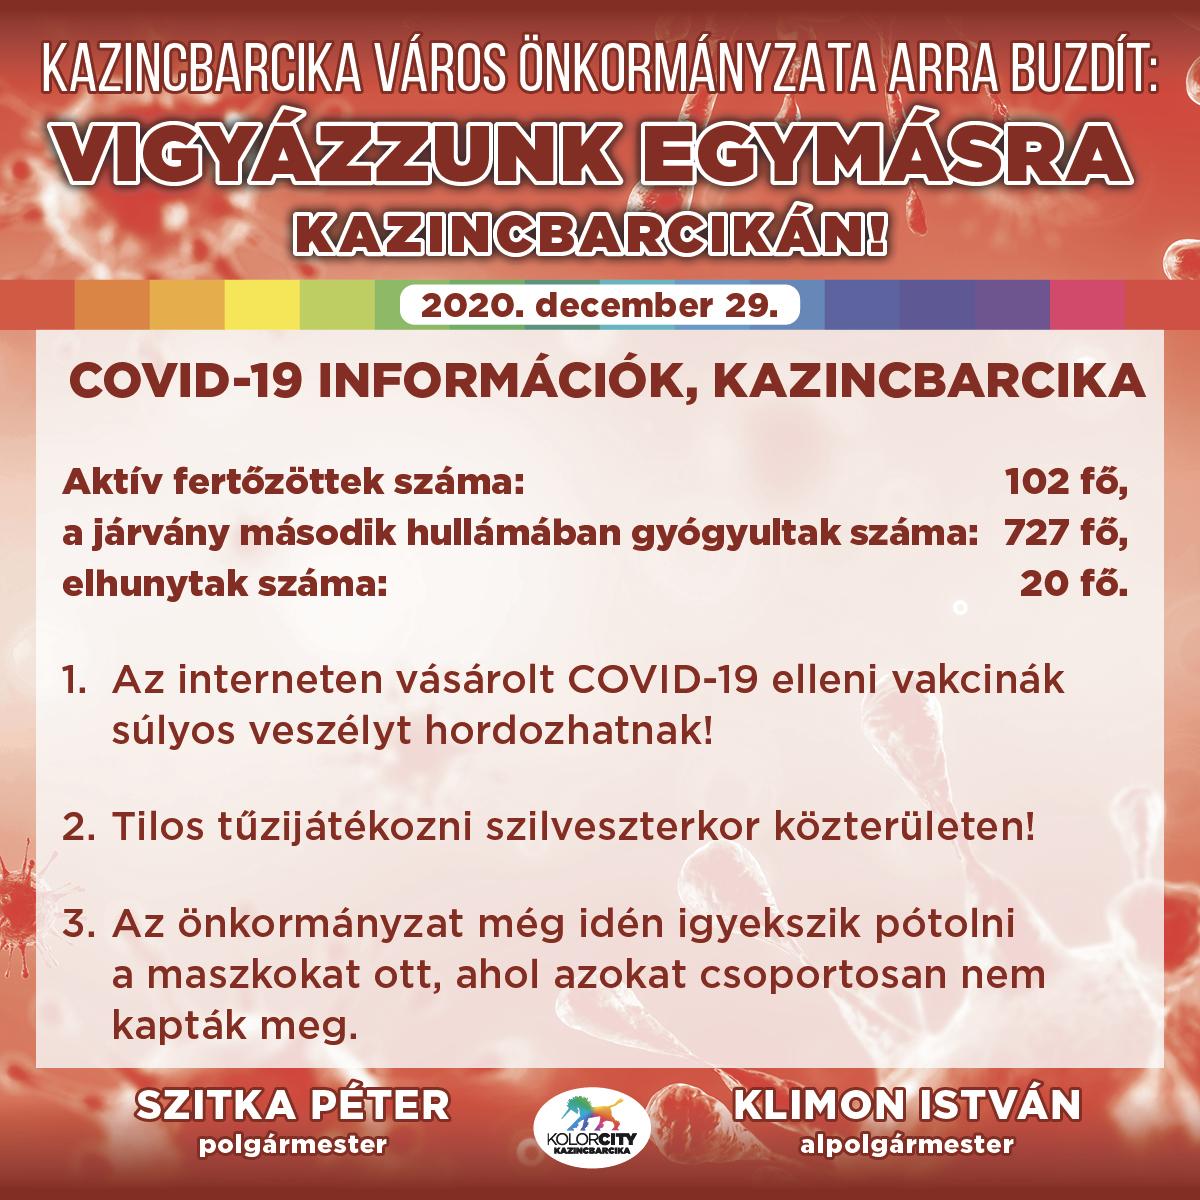 https://kolorline.hu/Vigyázzunk egymásra Kazincbarcikán! – 2020. december 29.